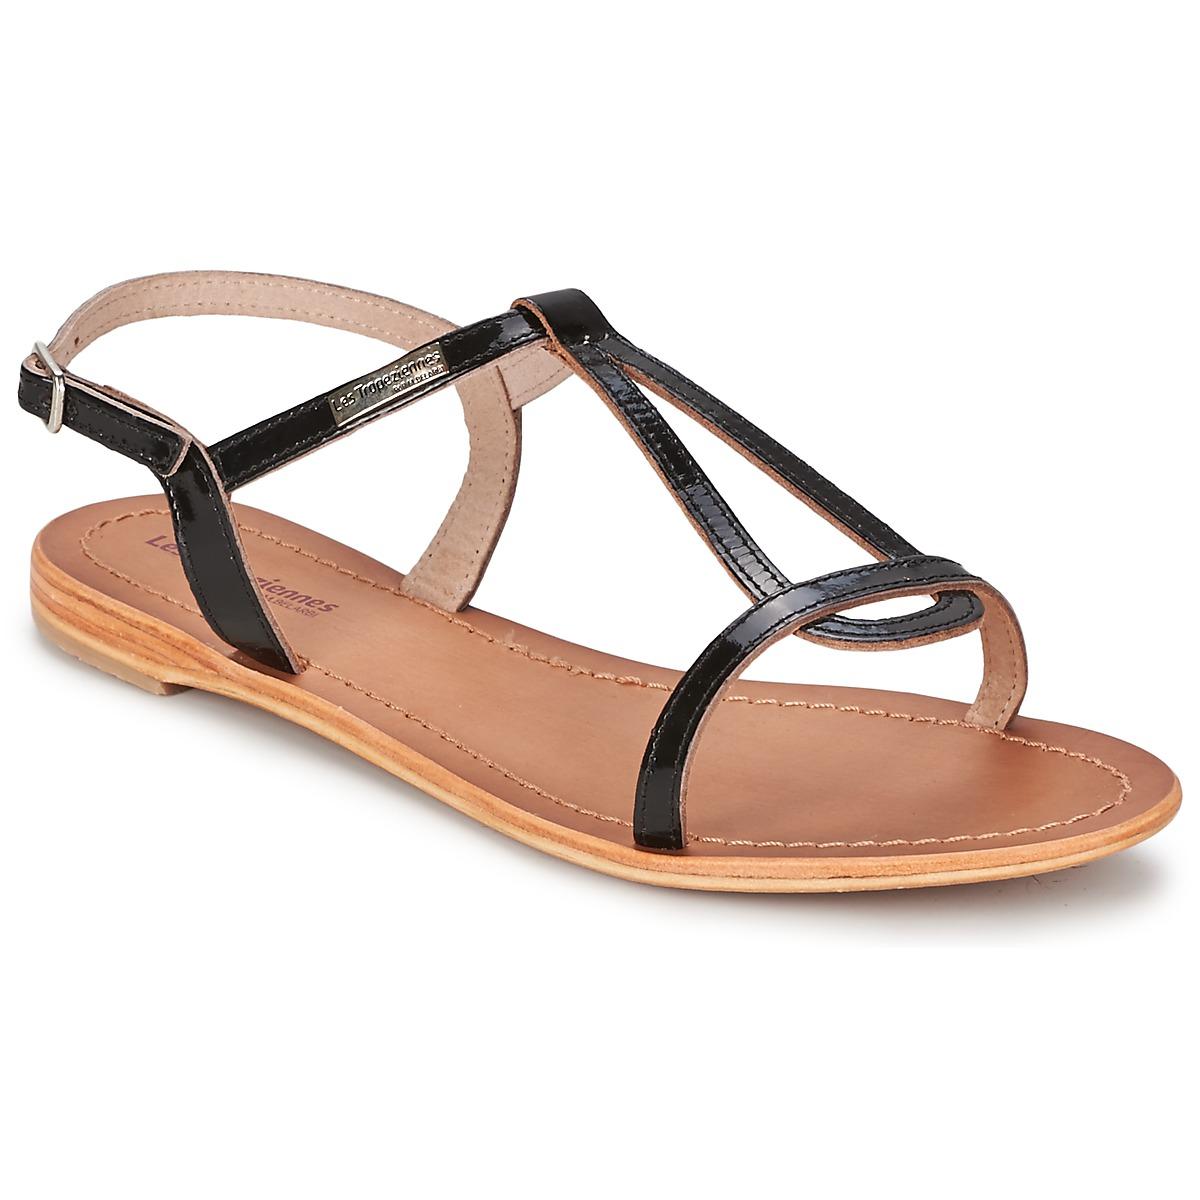 sandale les trop ziennes par m belarbi hamess noir livraison gratuite avec. Black Bedroom Furniture Sets. Home Design Ideas